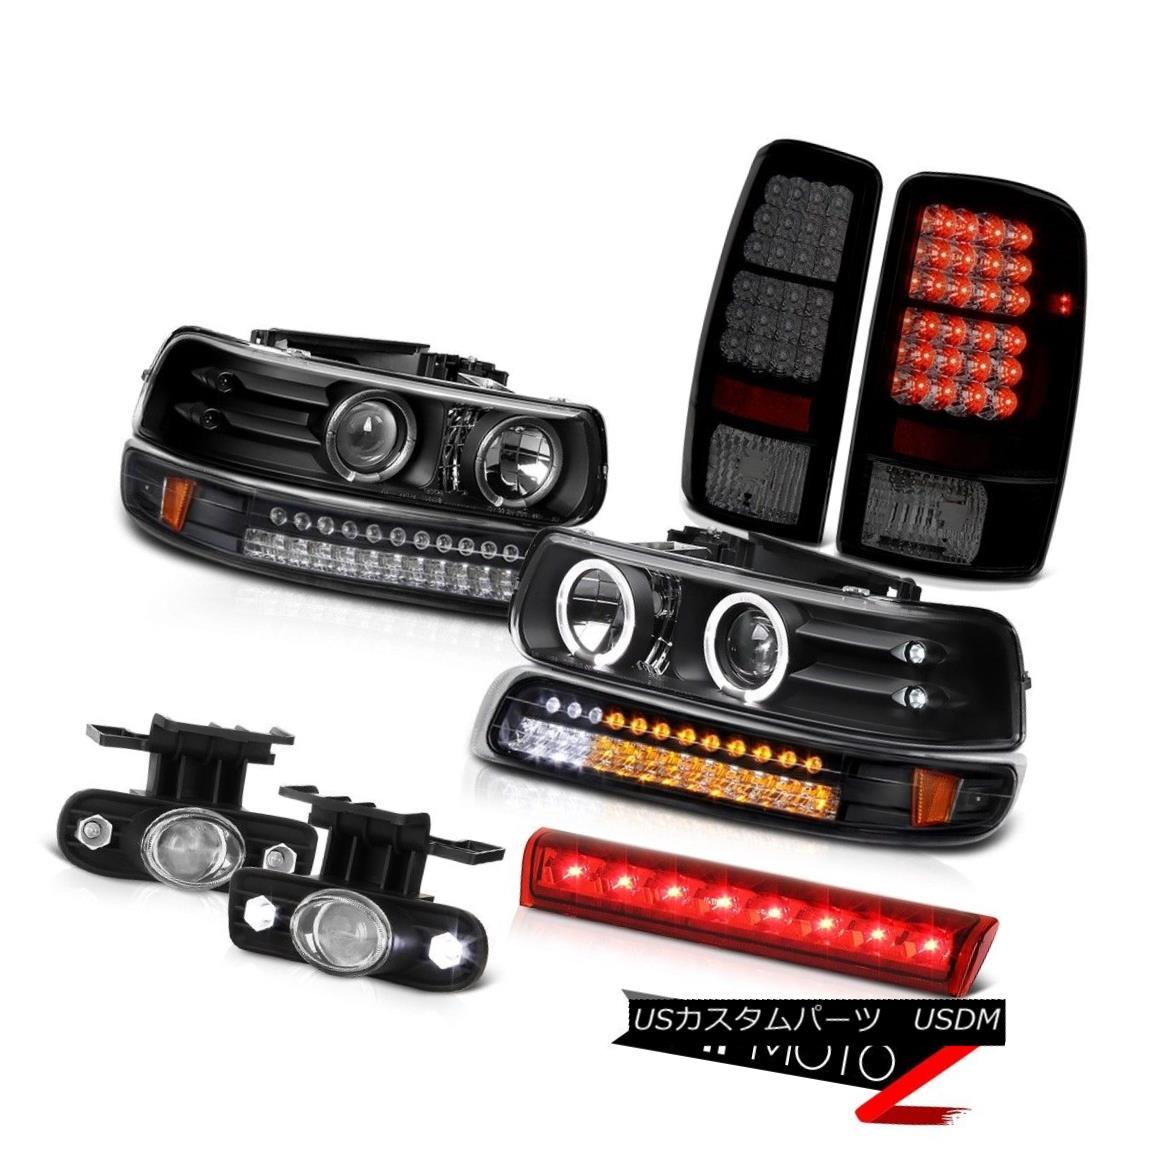 テールライト 2000-2006 Suburban 2500 4X4 Roof cab light foglights tail lamps signal Headlamps 2000-2006郊外2500 4X4ルーフキャブライトフォグライトテールランプ信号ヘッドランプ